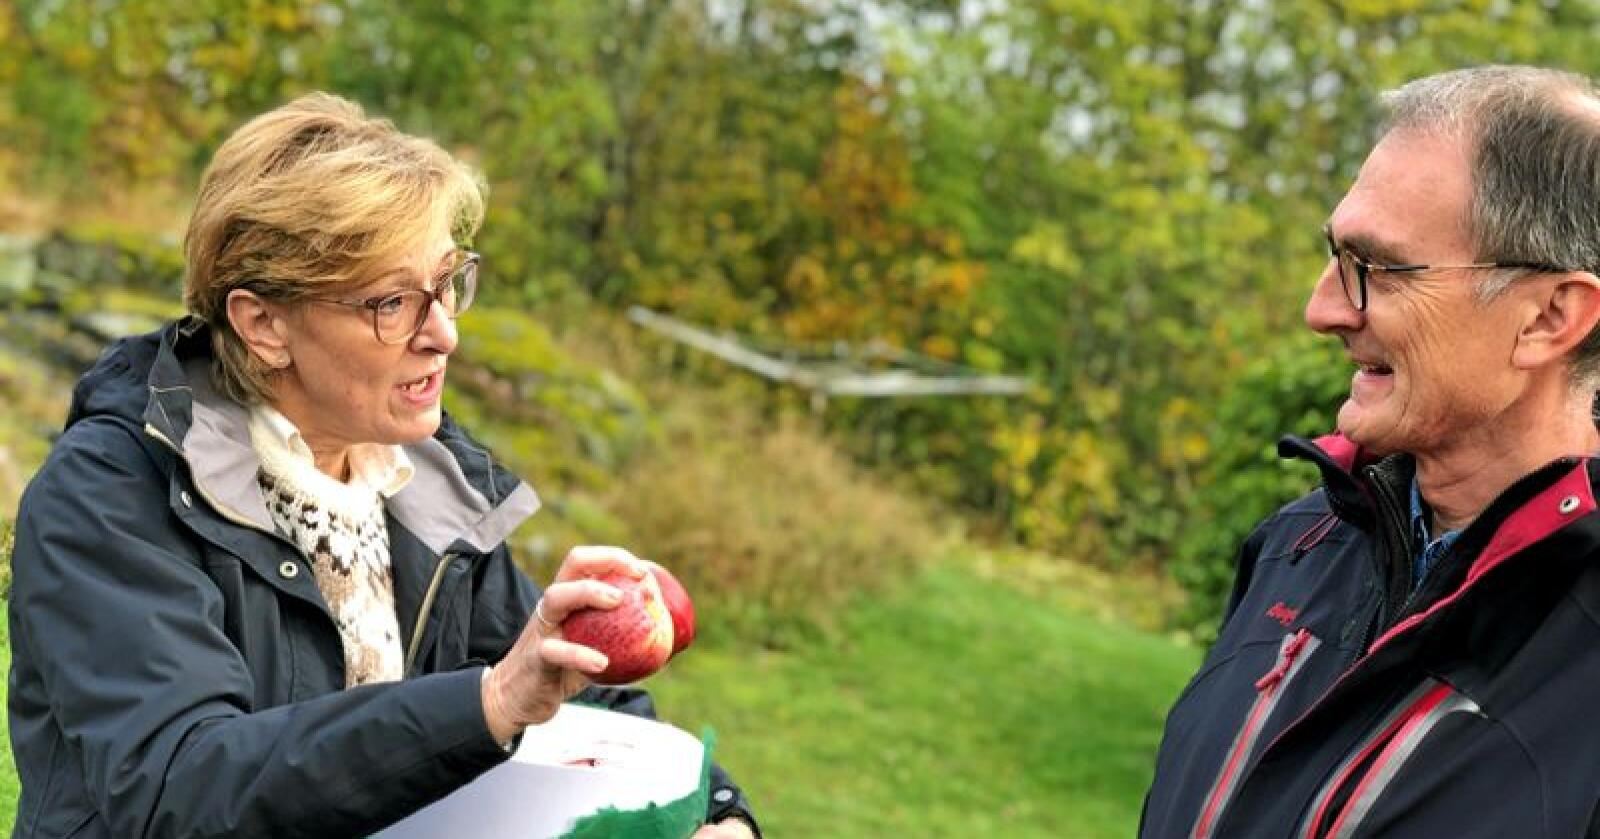 Sigird Hjørnegård mener en styrking av importvernet, slik at man får solgt de norske eplene foran de utenlandske, er nødvendig for å nå målene Harald Moskvil har for norsk landbruk. Foto: Lars Bilit Hagen